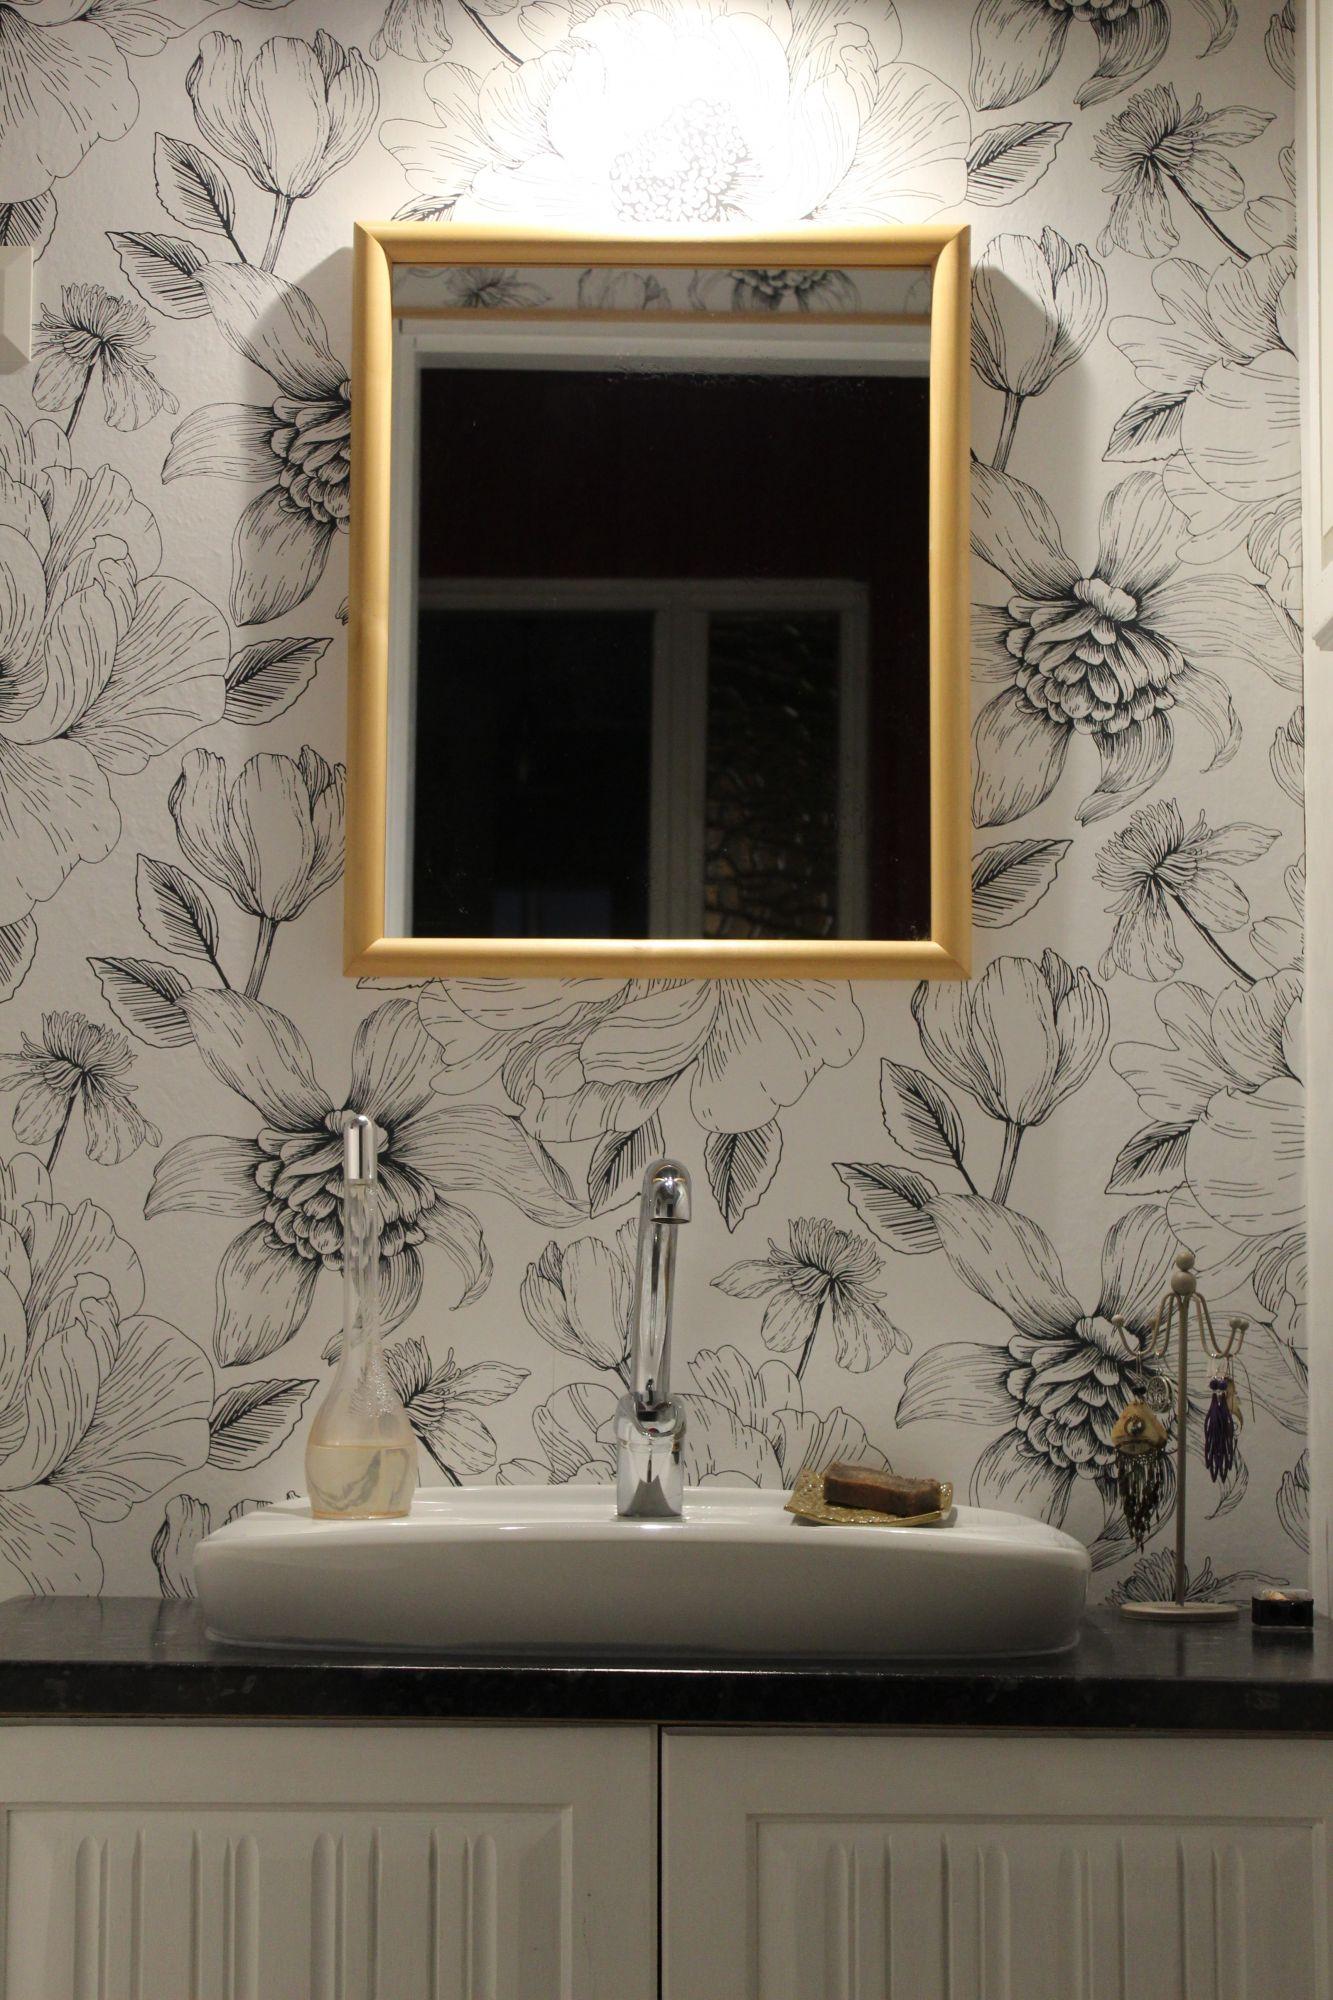 Wallpaper impermeabile in bagno